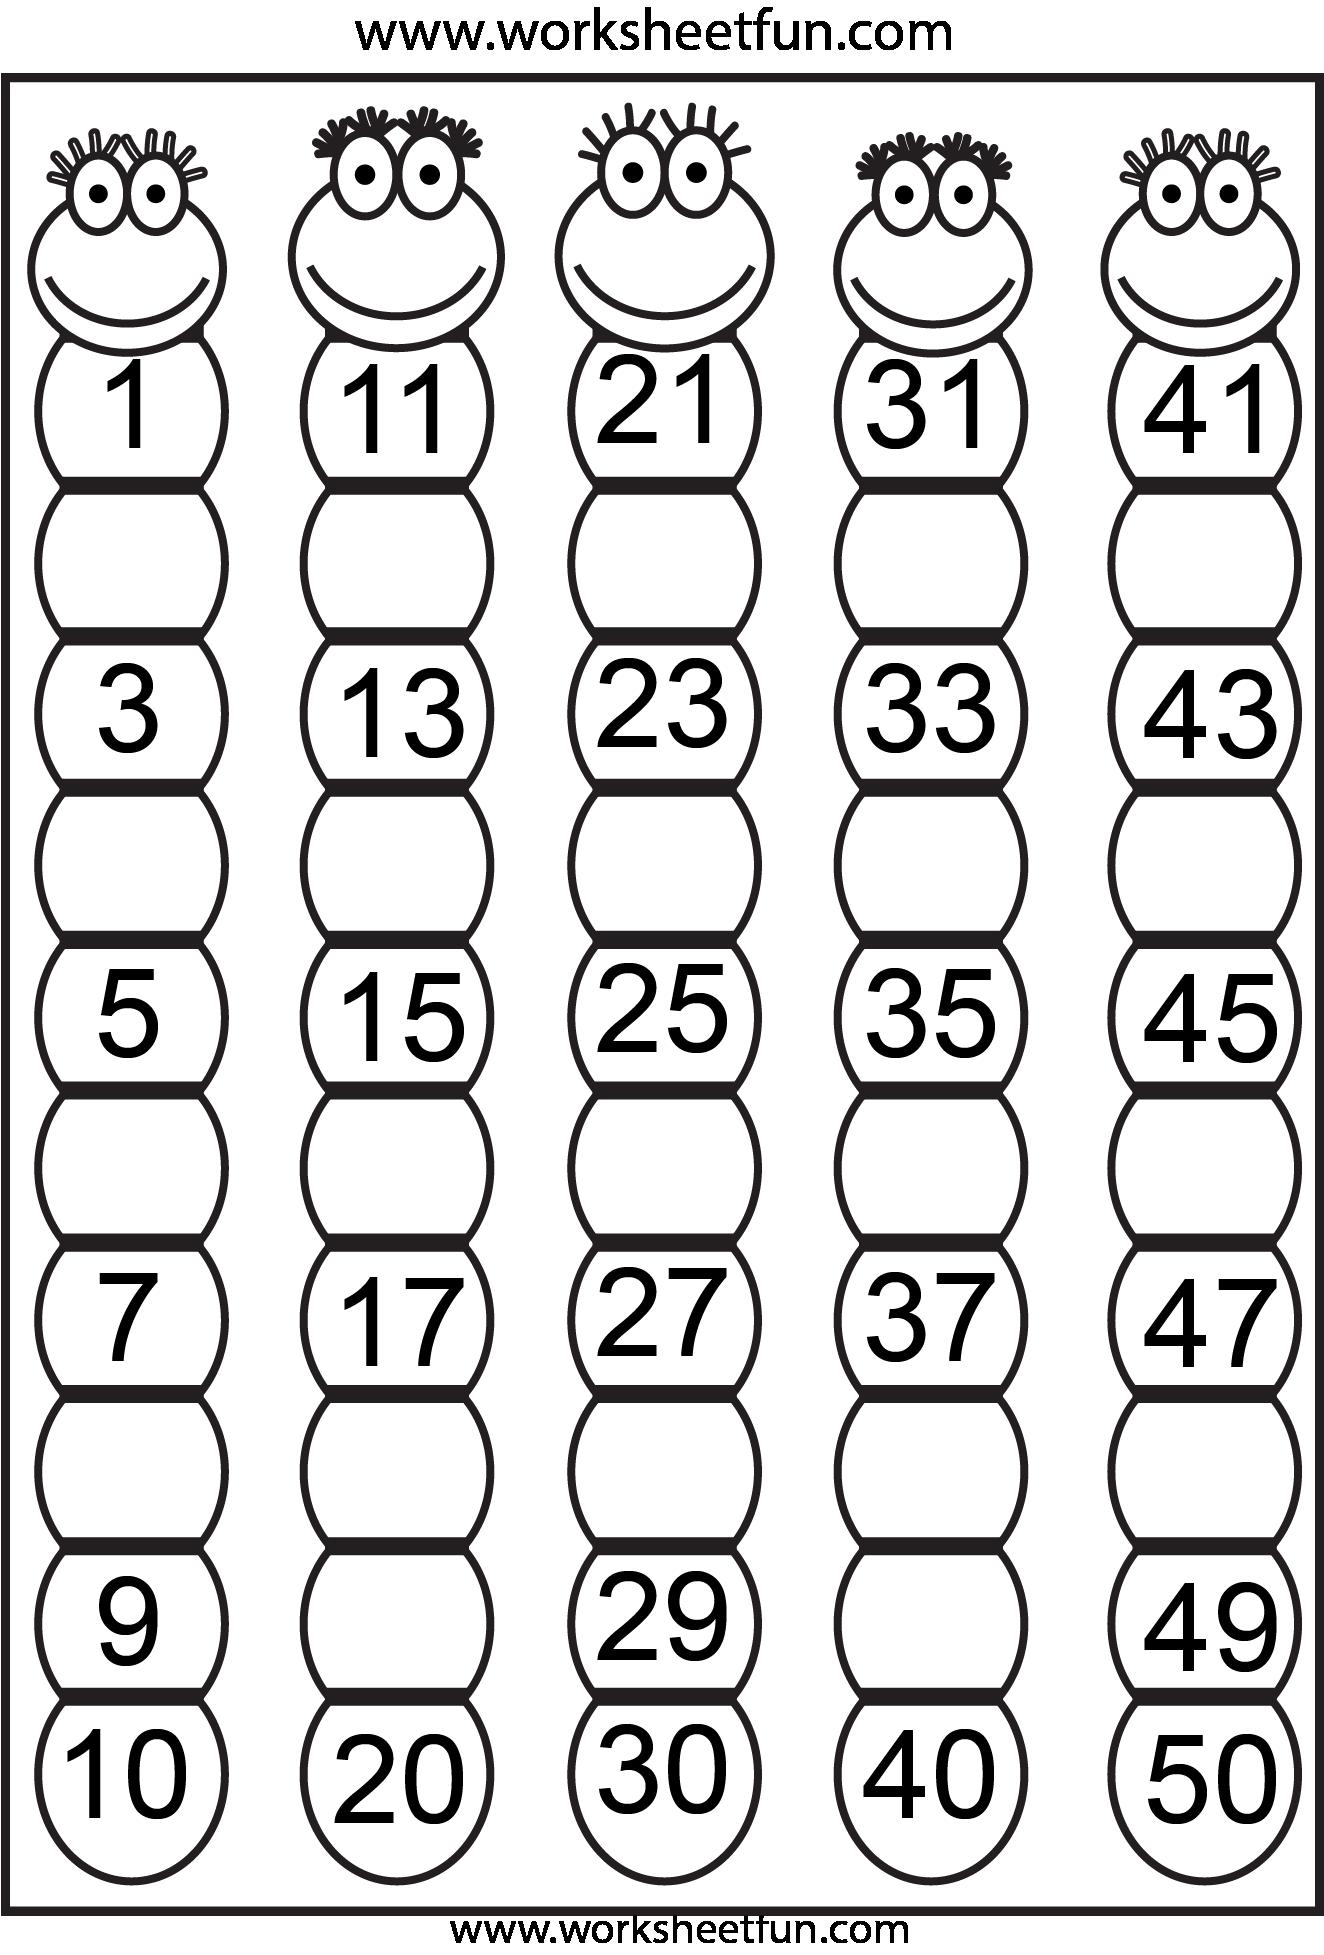 Free Printable Kindergarten Worksheets Worksheetfun Kindergarten Worksheets Free Printables Kindergarten Worksheets Printable Kindergarten Math Worksheets [ 1955 x 1324 Pixel ]